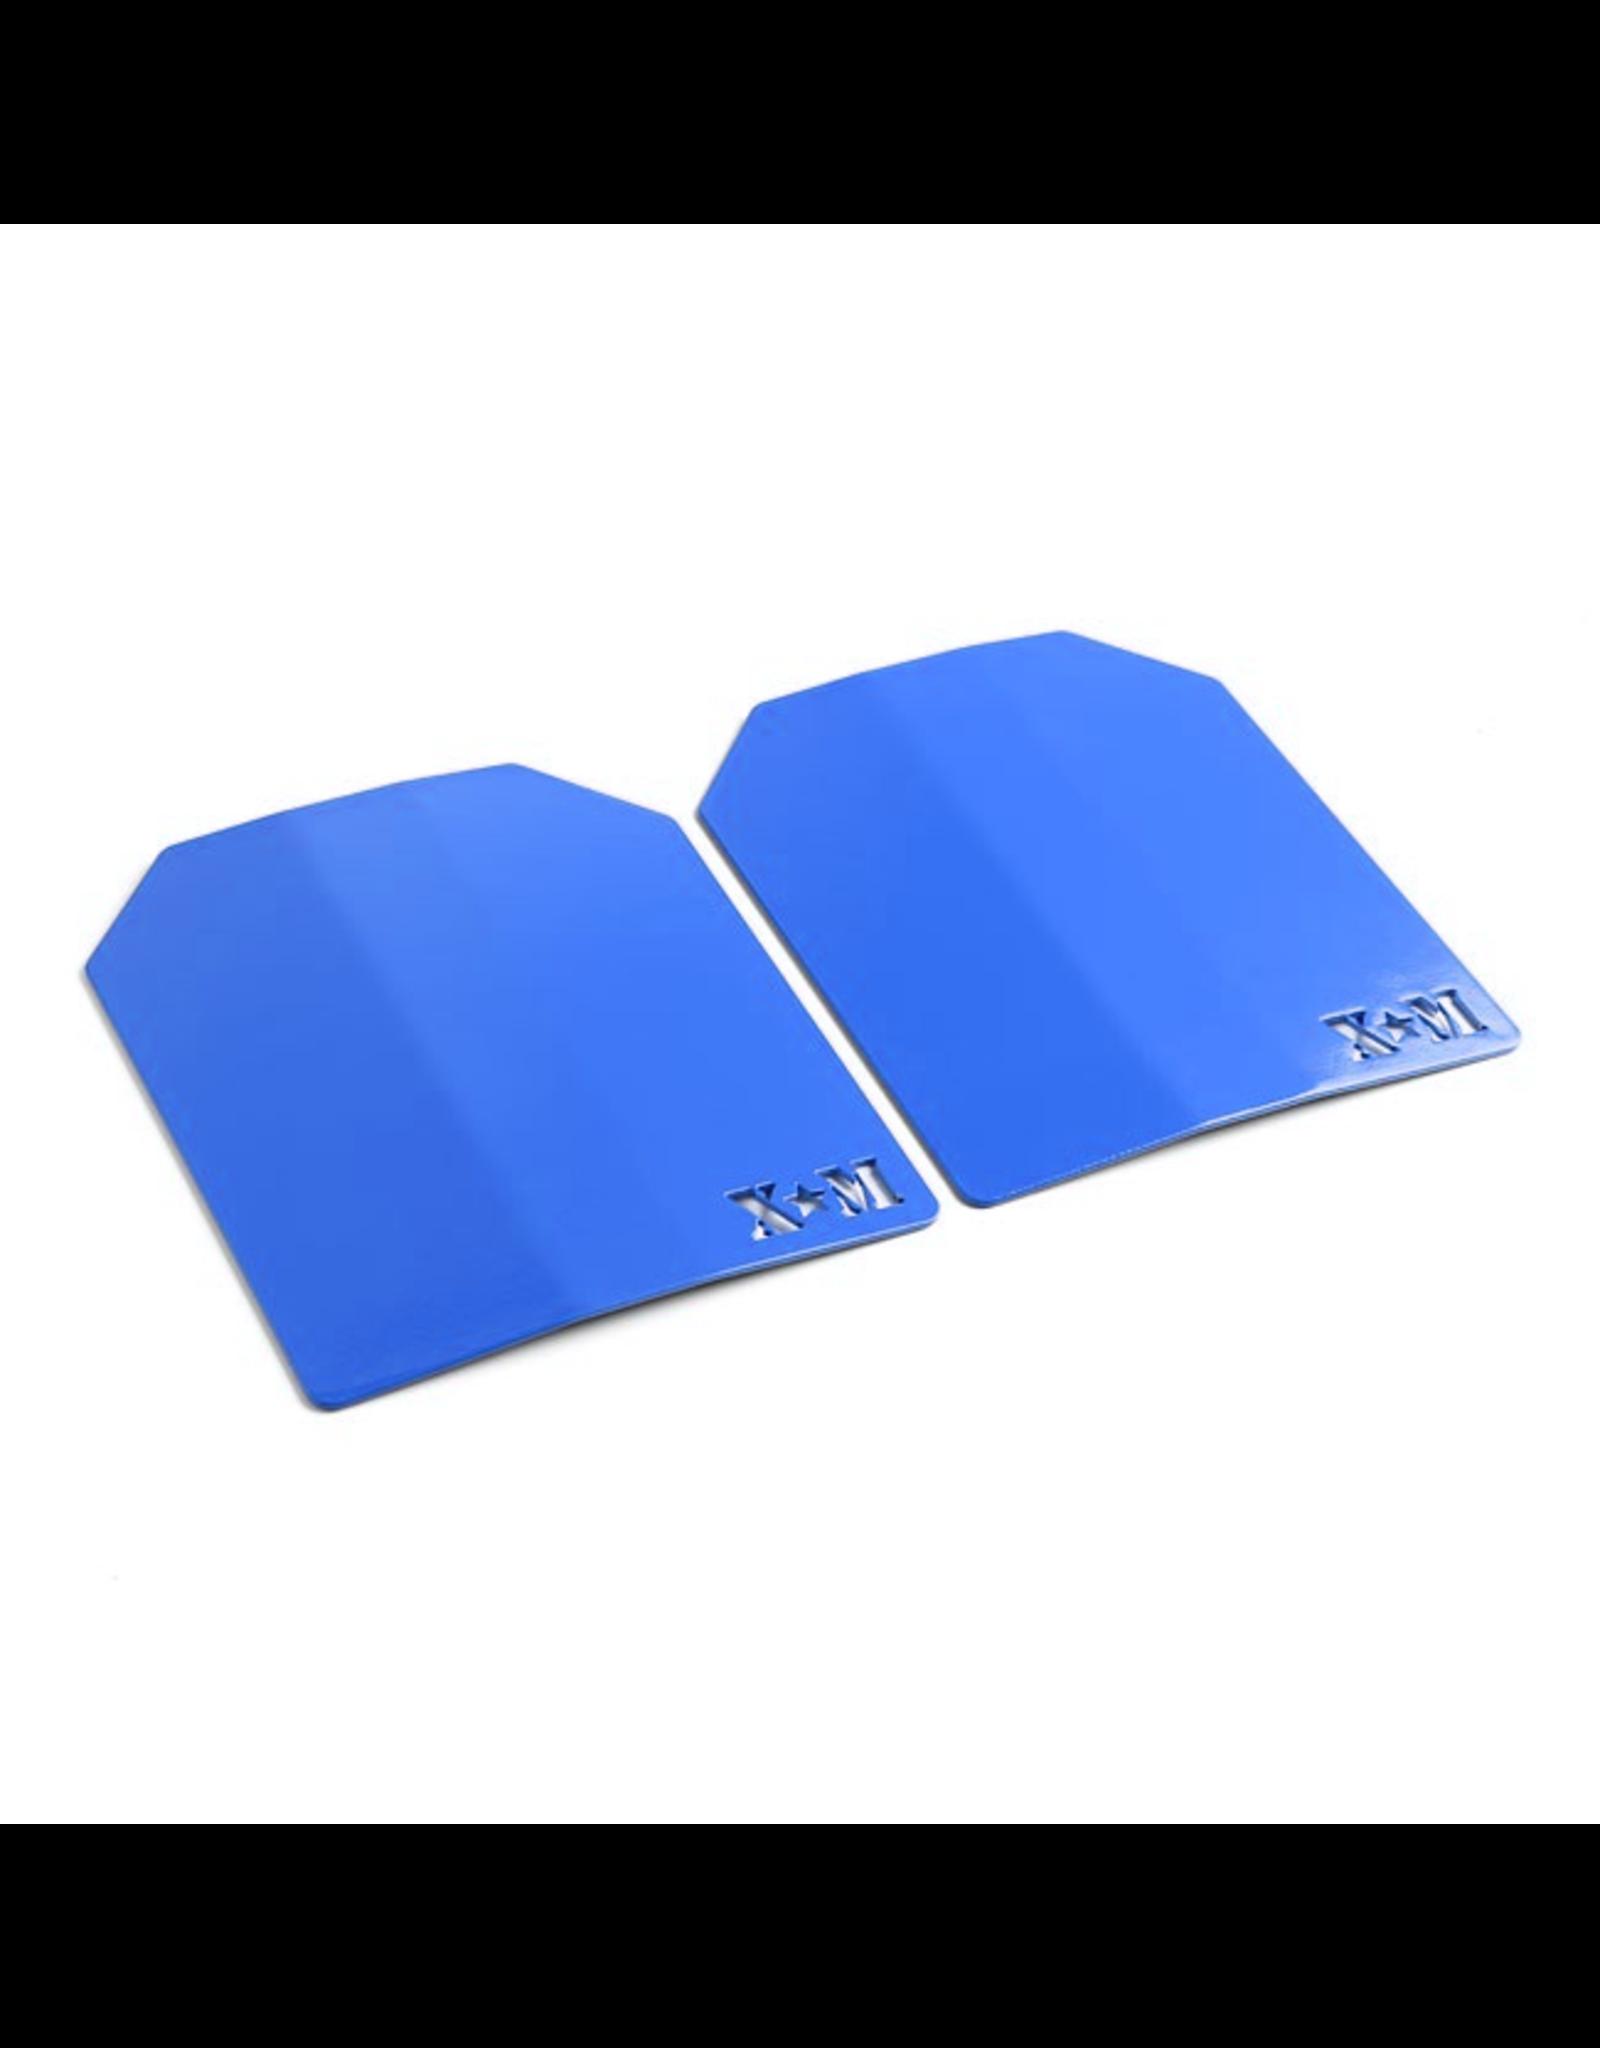 Xtreme Monkey - Plate Set - 11LBS